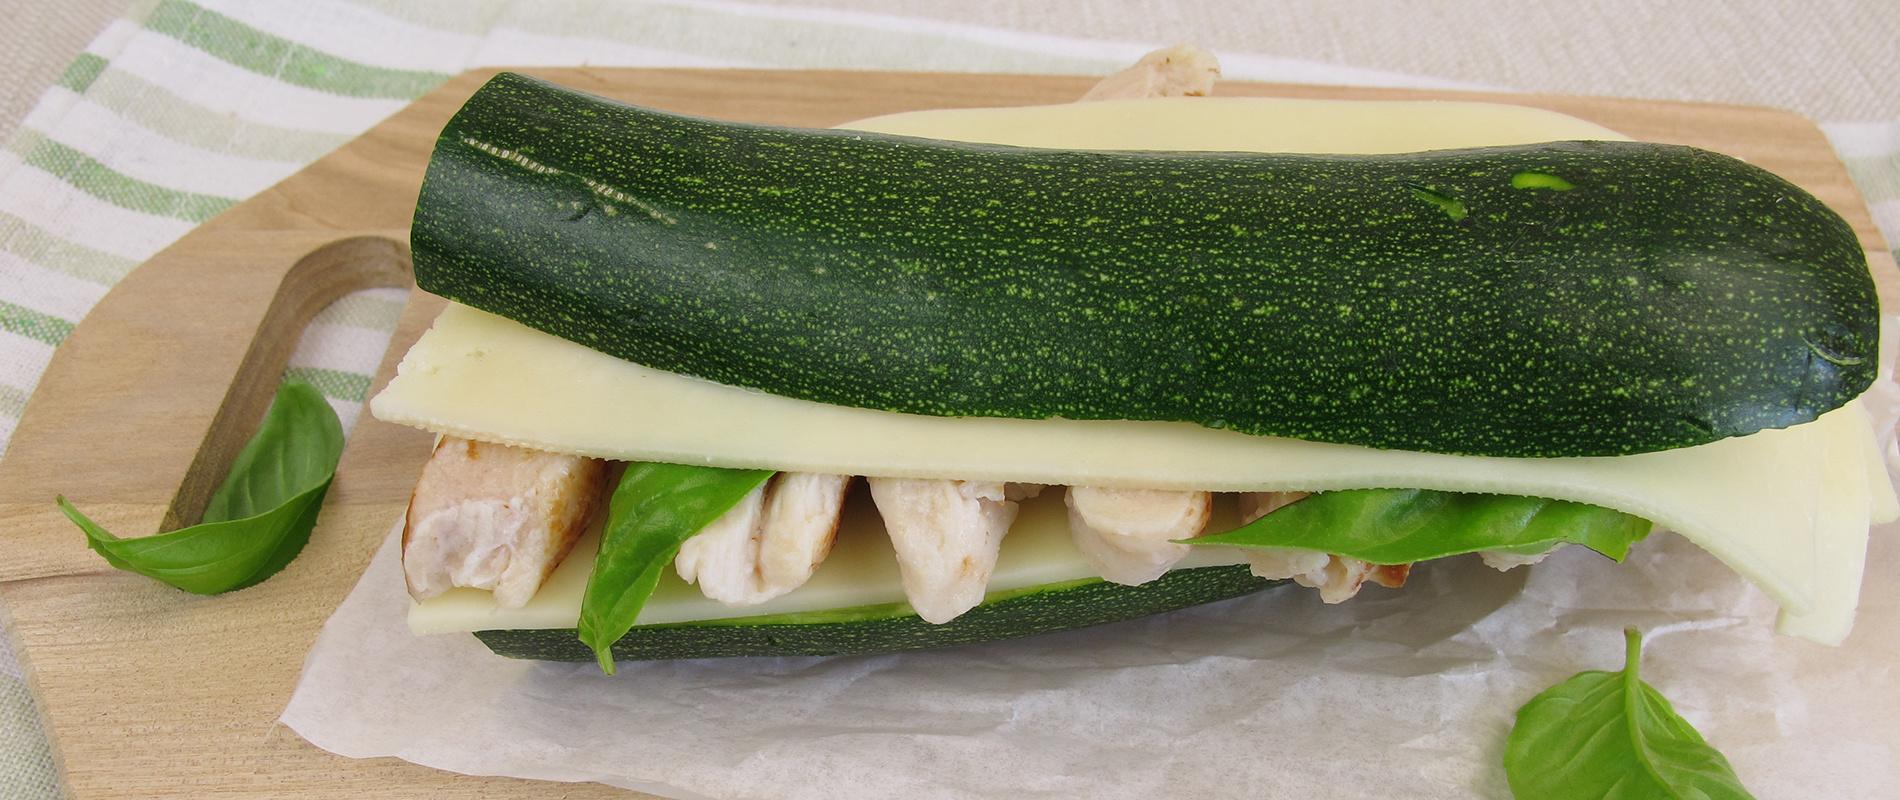 zöldségszenyacover